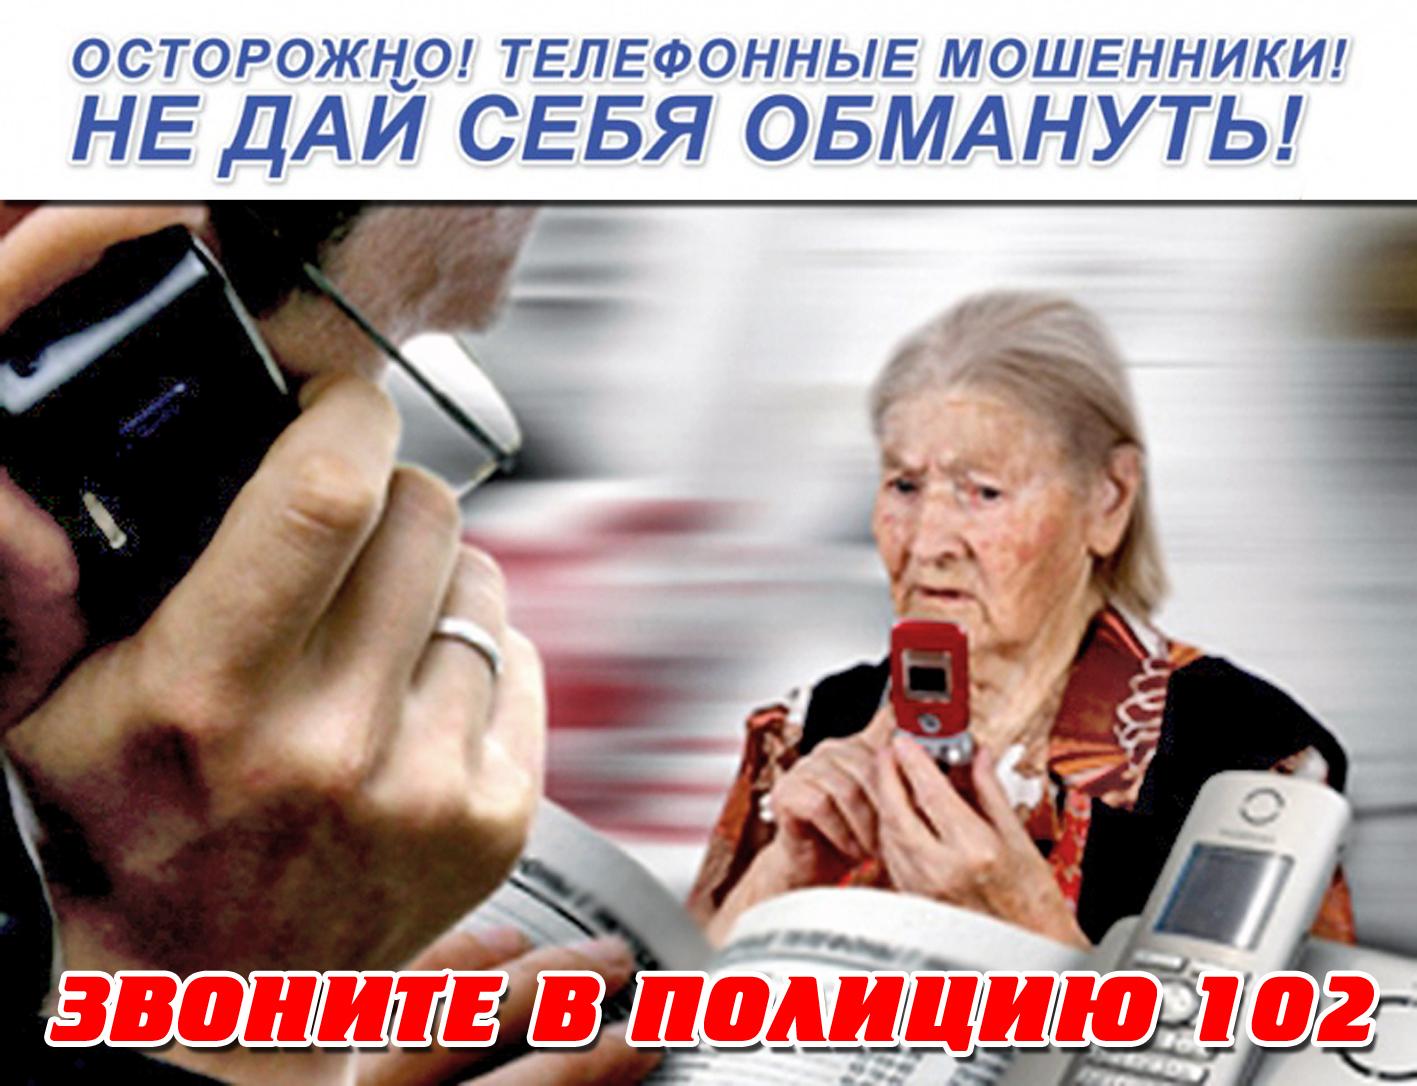 займы которые не звонят контактным лицам